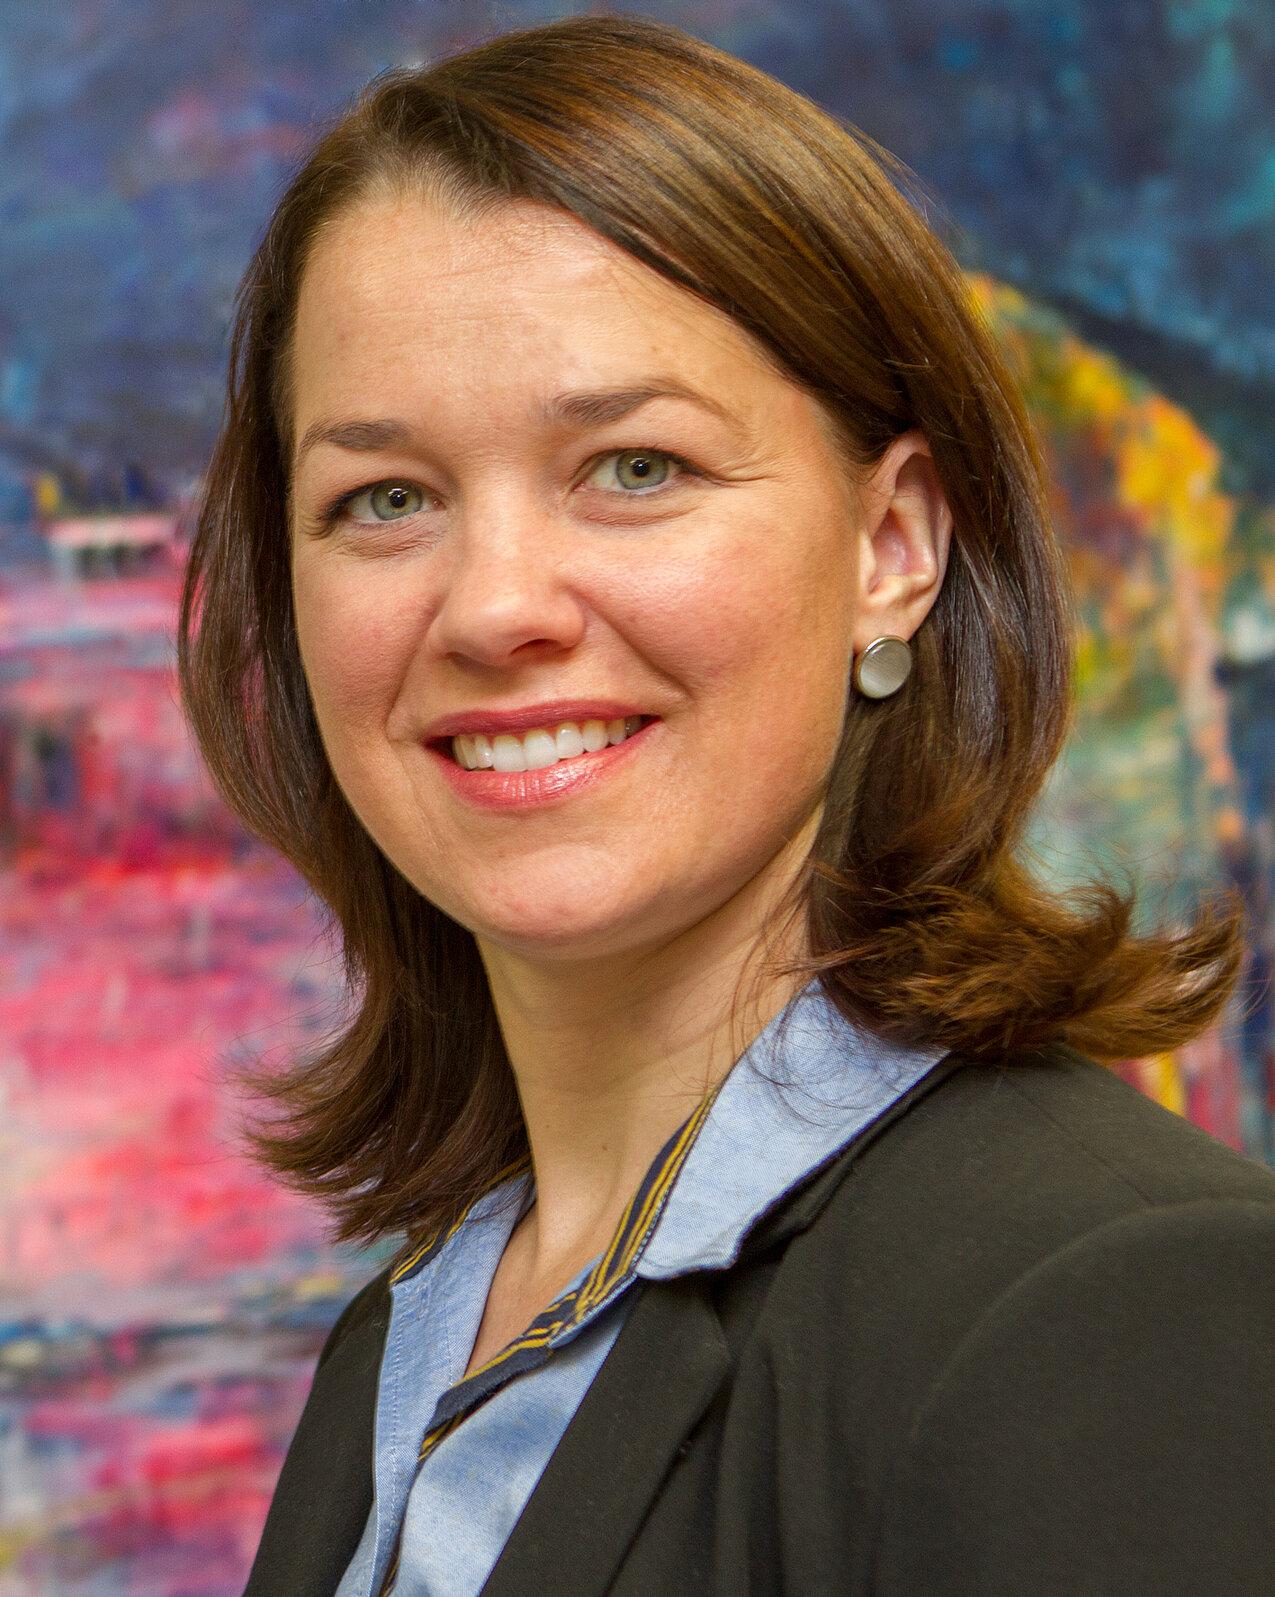 Porträtfoto von Eveline Breyer, sie trägt ein blaues Hemd und hat braune, mittellange Haare.